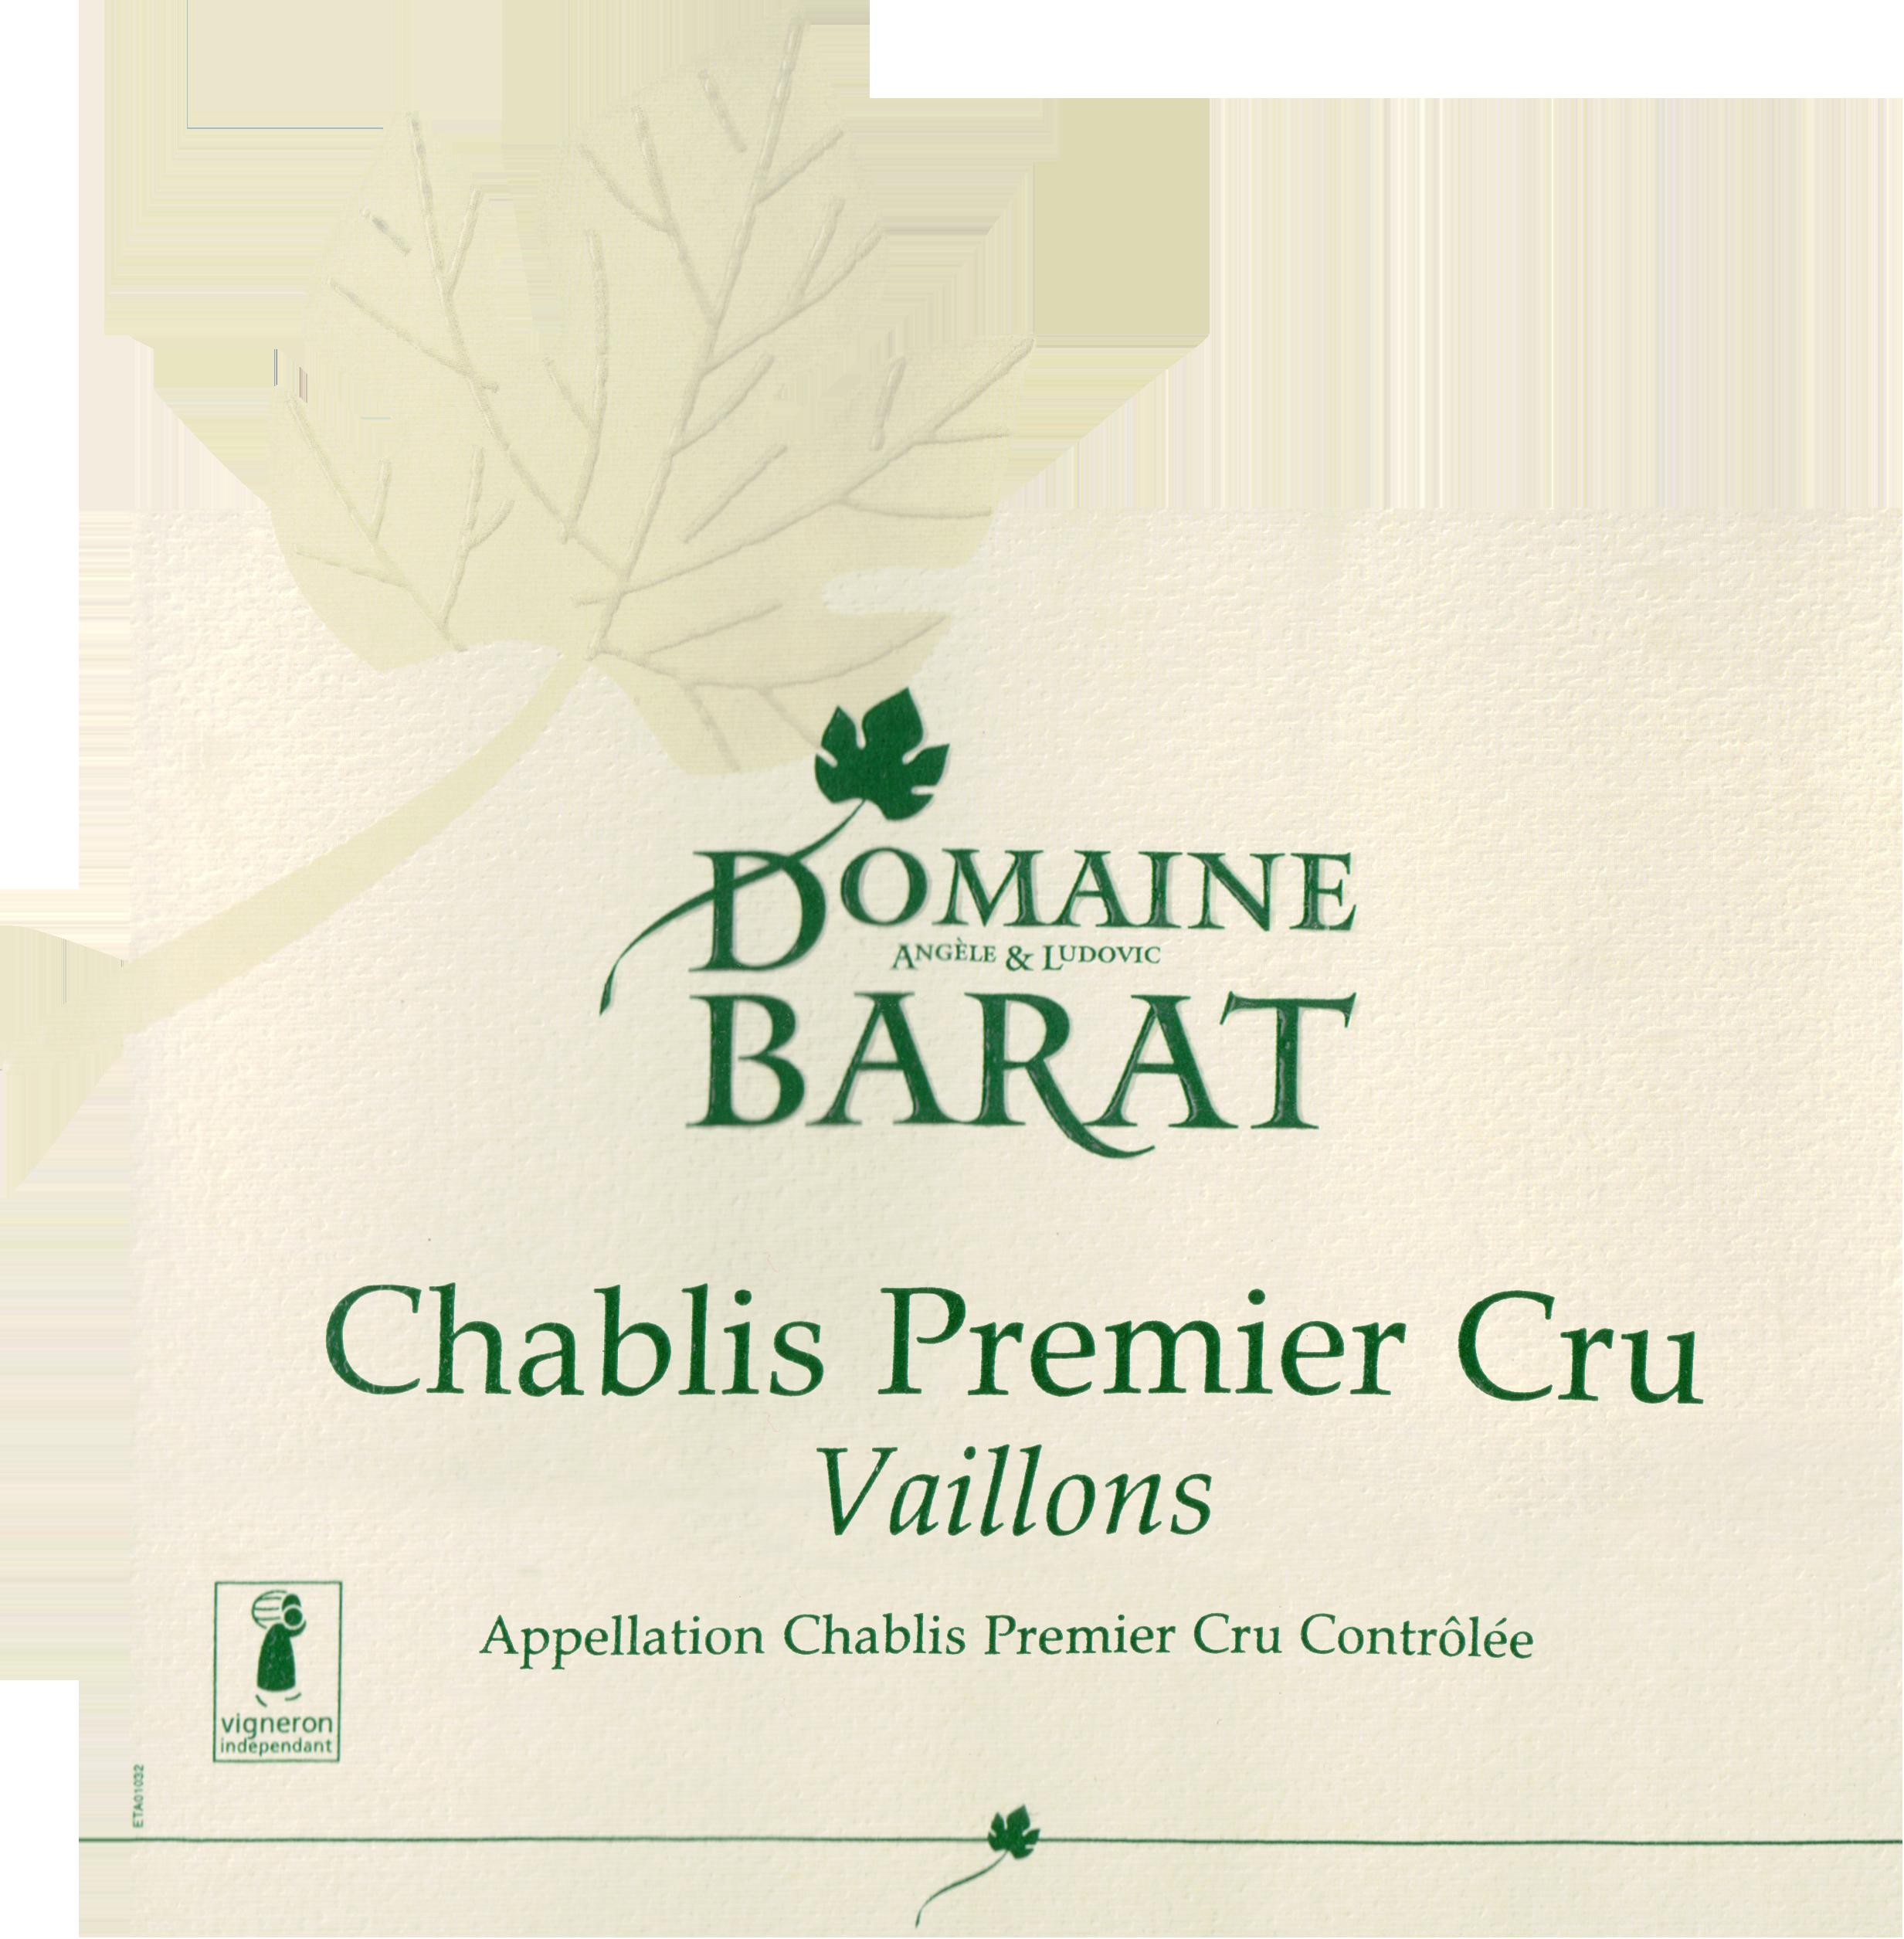 Domaine Barat Chablis 1er Cru Vaillons 2017